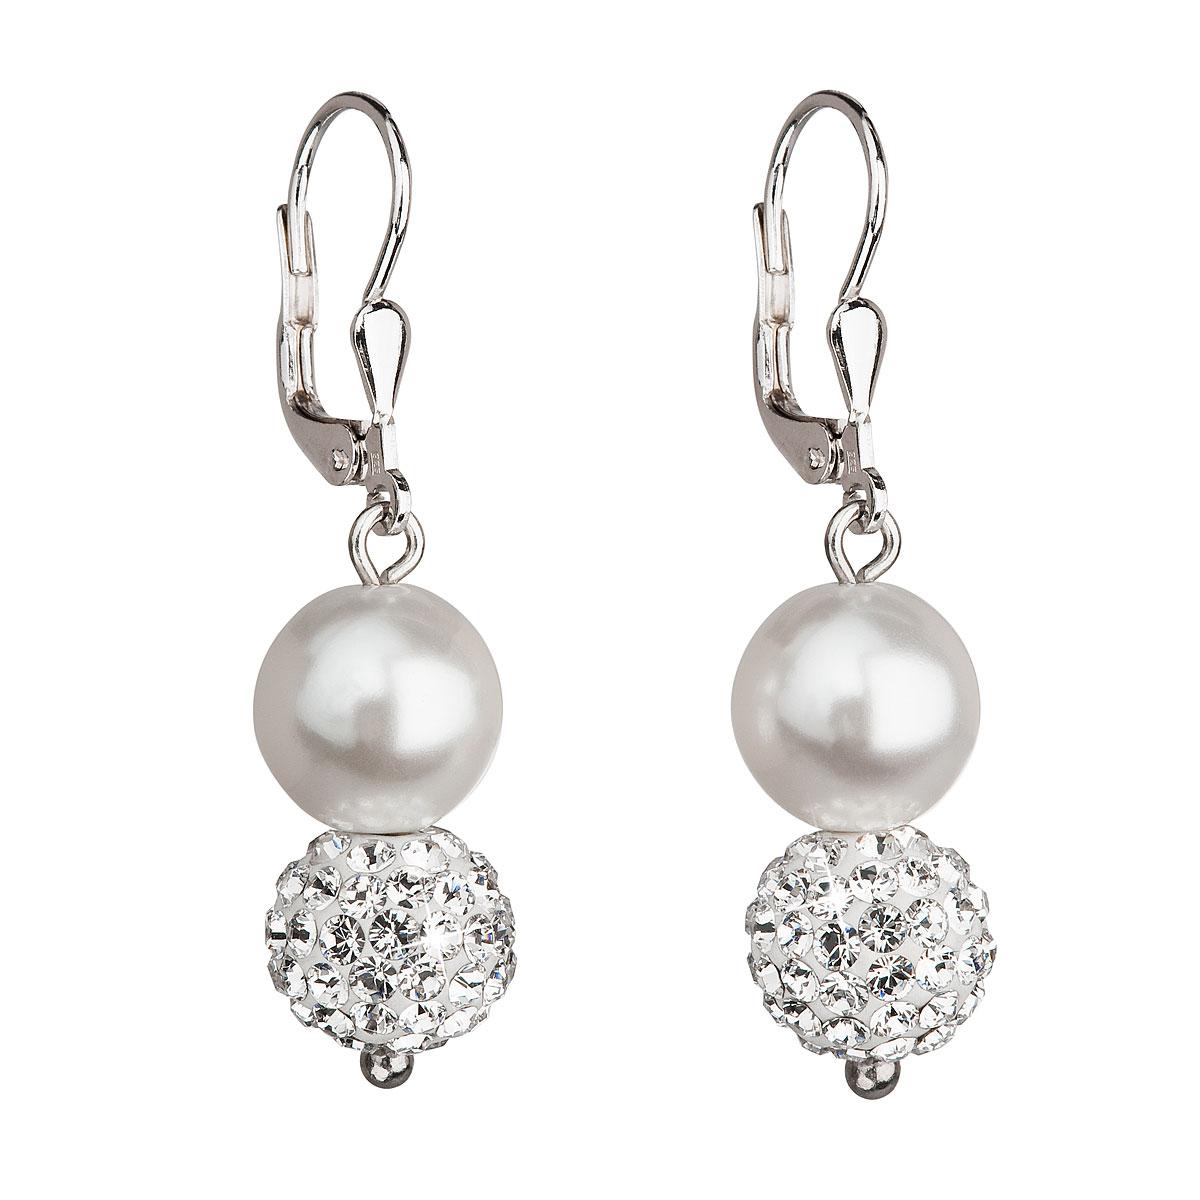 Evolution Group Stříbrné náušnice visací s krystaly Swarovski bílé kulaté  31155.1 a6c9070c3c